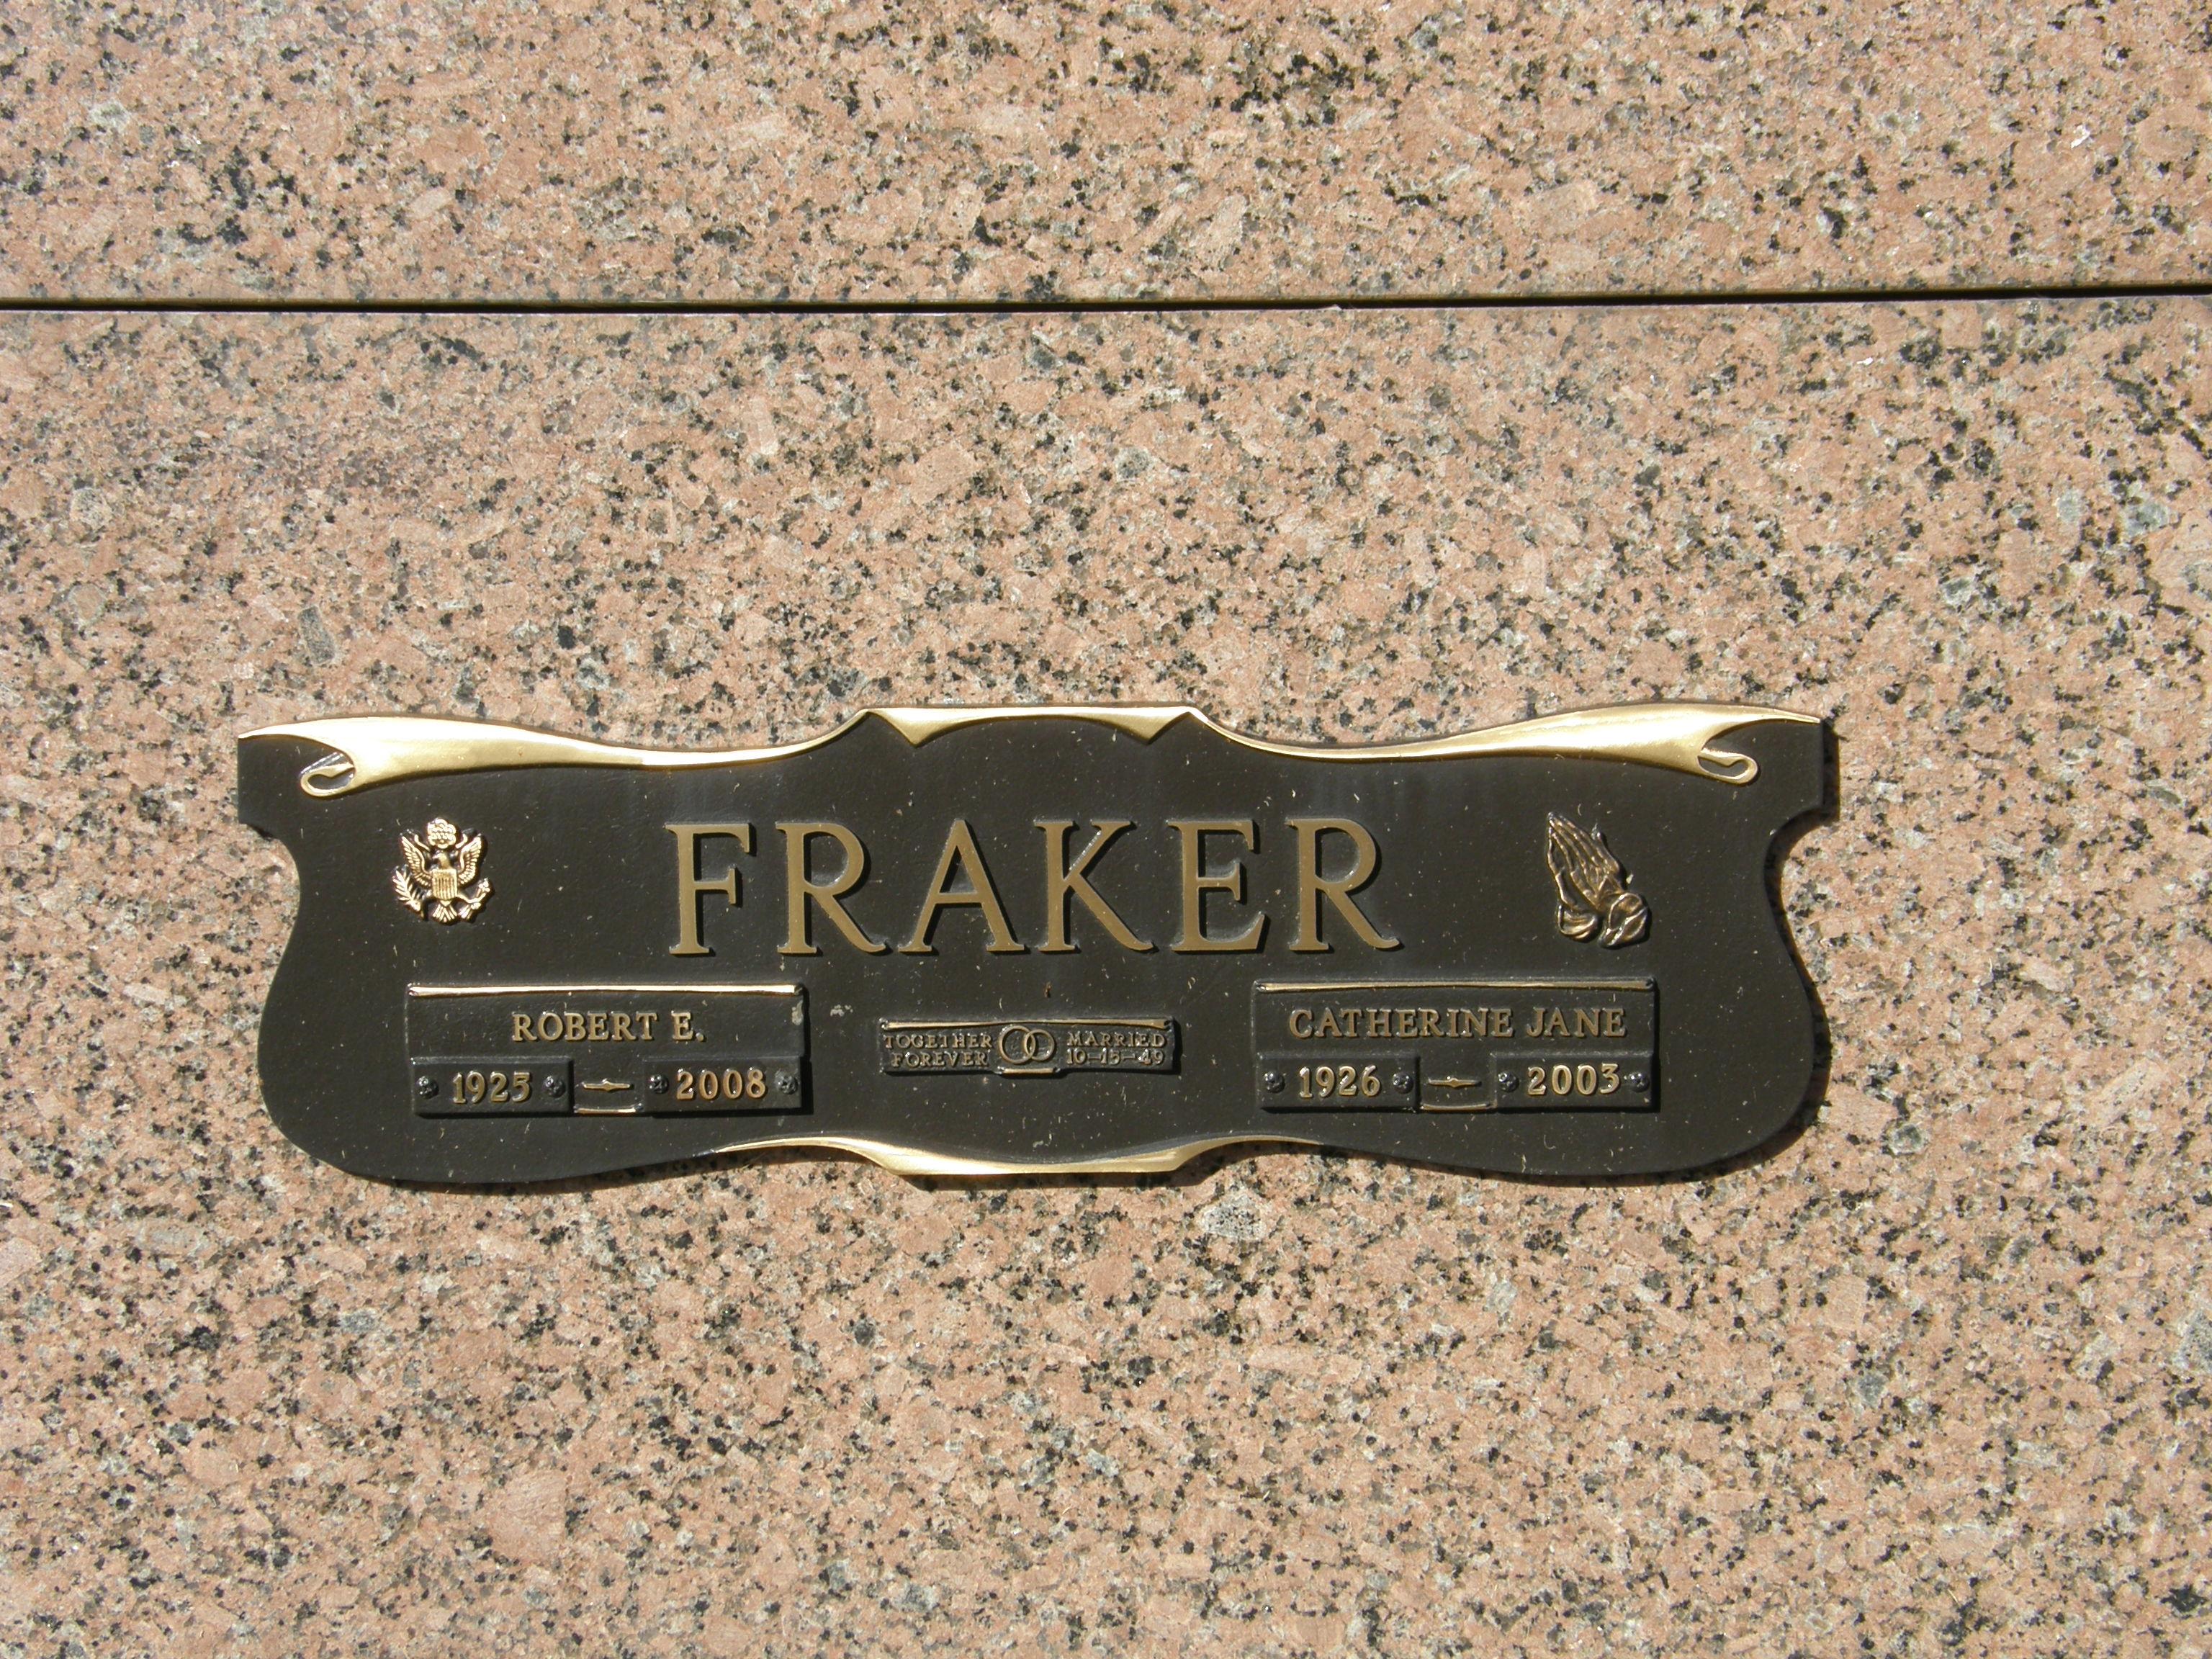 Robert E. Frake Fraker